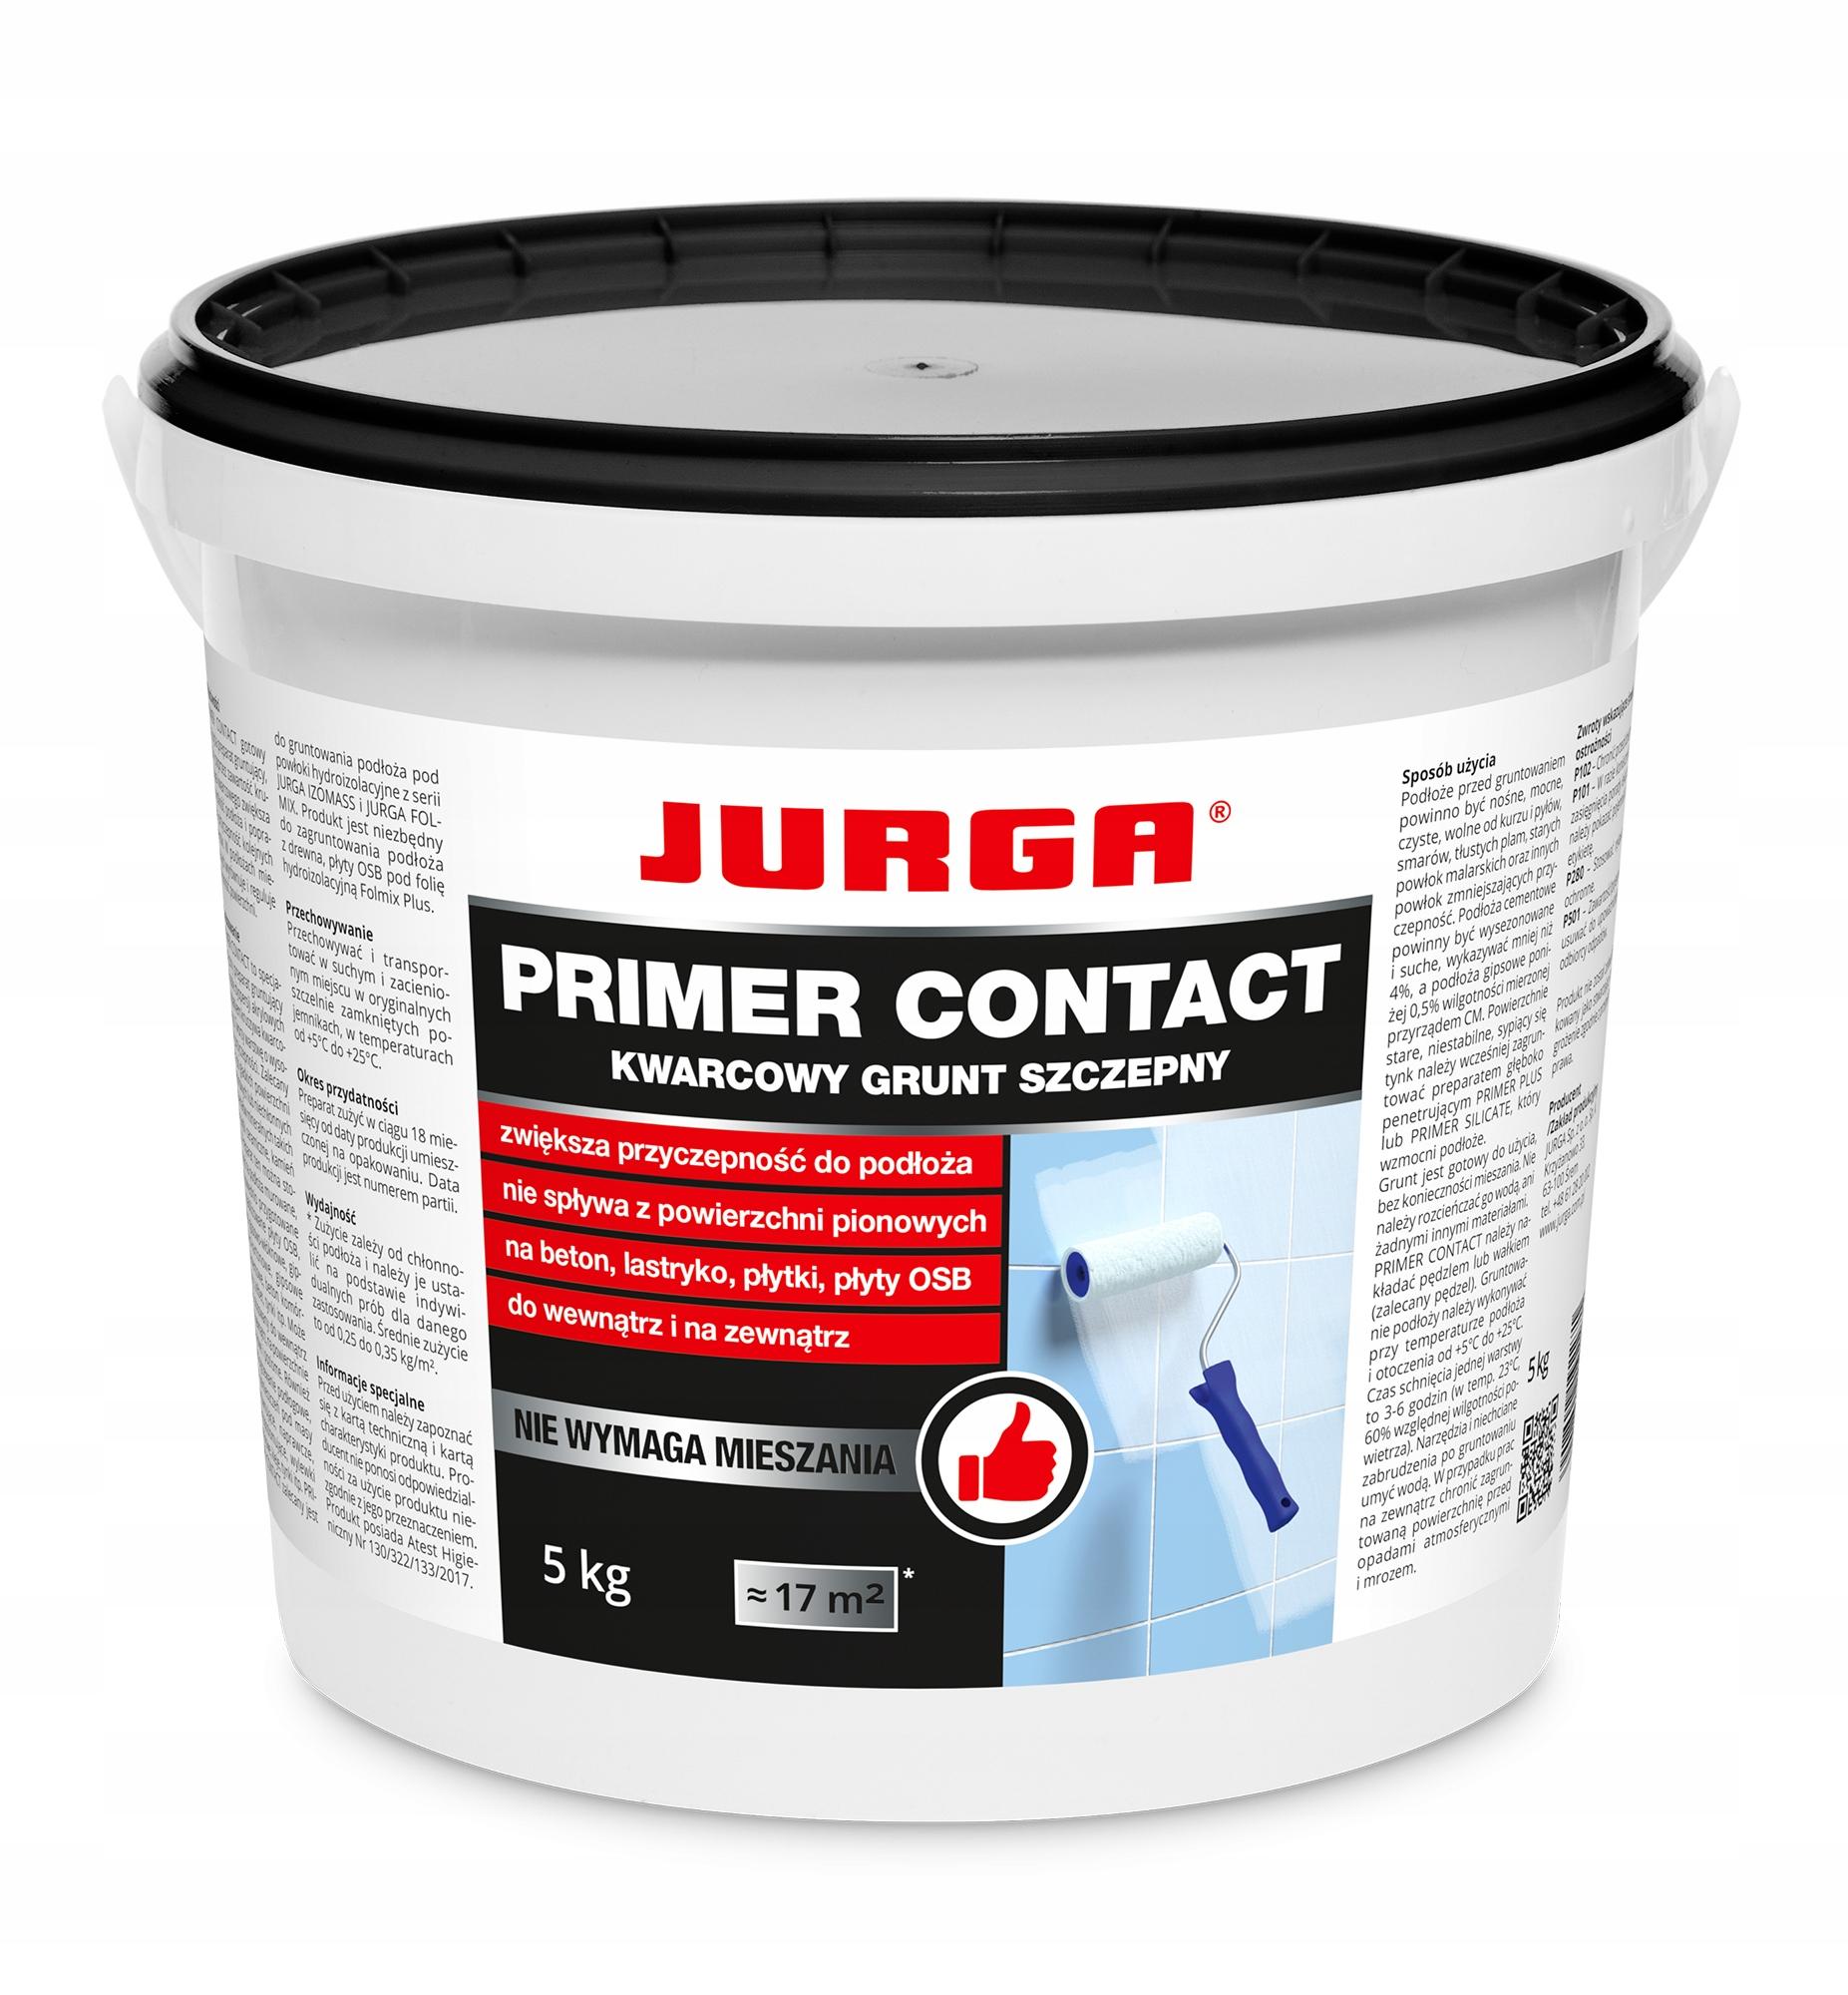 Jurga Primer contact kwarcowy grunt szczepny 5kg